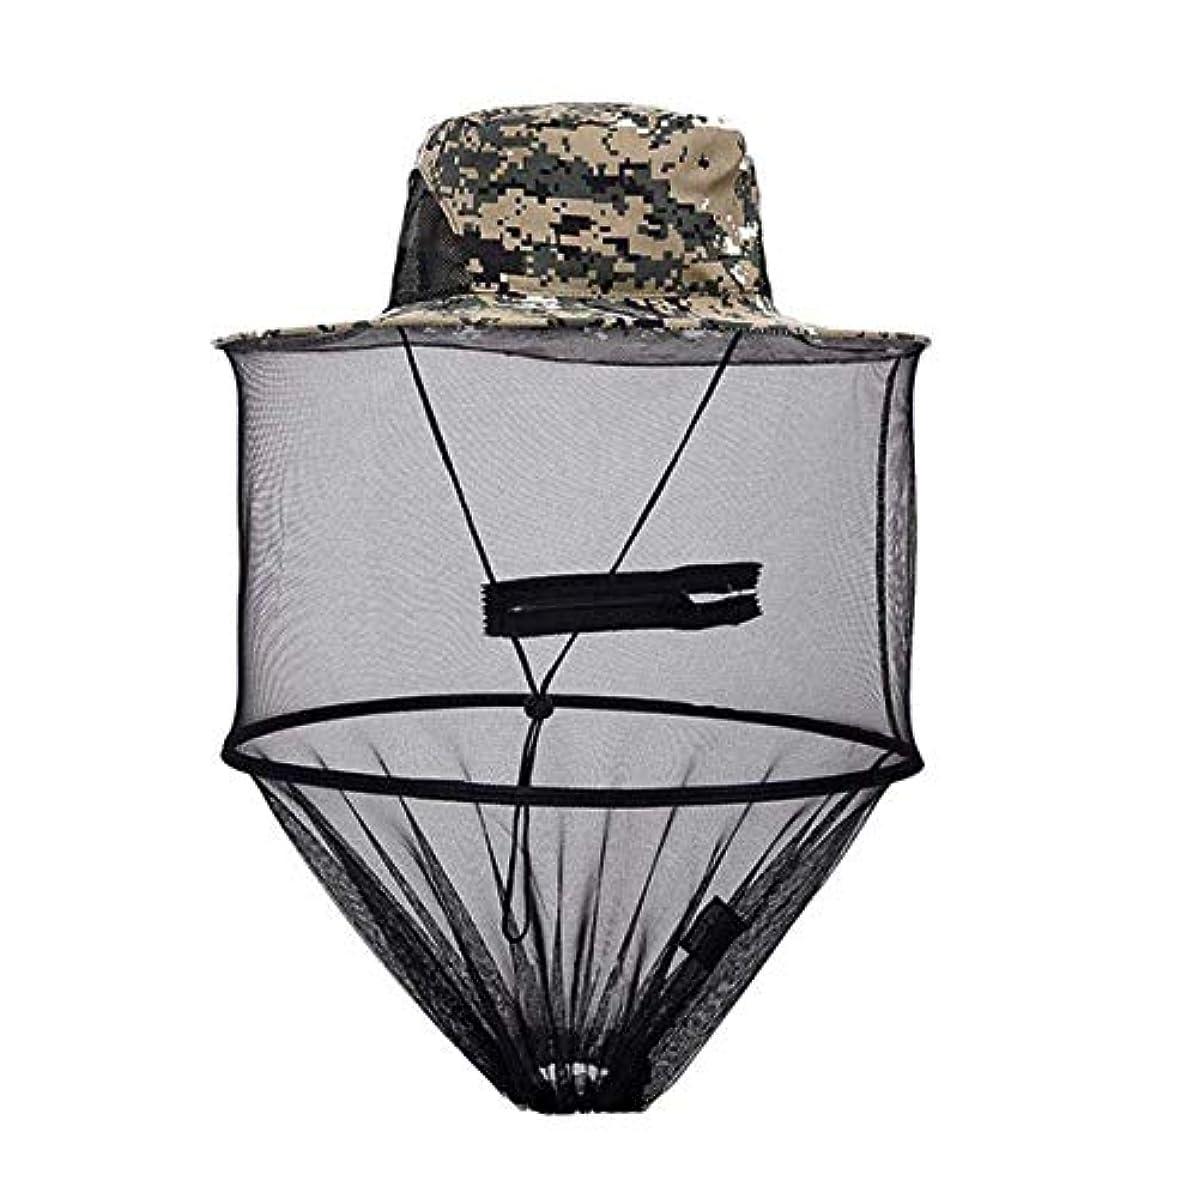 お金ゴム自治的囚人Saikogoods アウトドアキャンプハイキング狩猟のためにネットメッシュ?ヘッドフェイスプロテクター 釣りの帽子蚊キャップ ミッジフライバグ昆虫蜂ハット デジタル迷彩